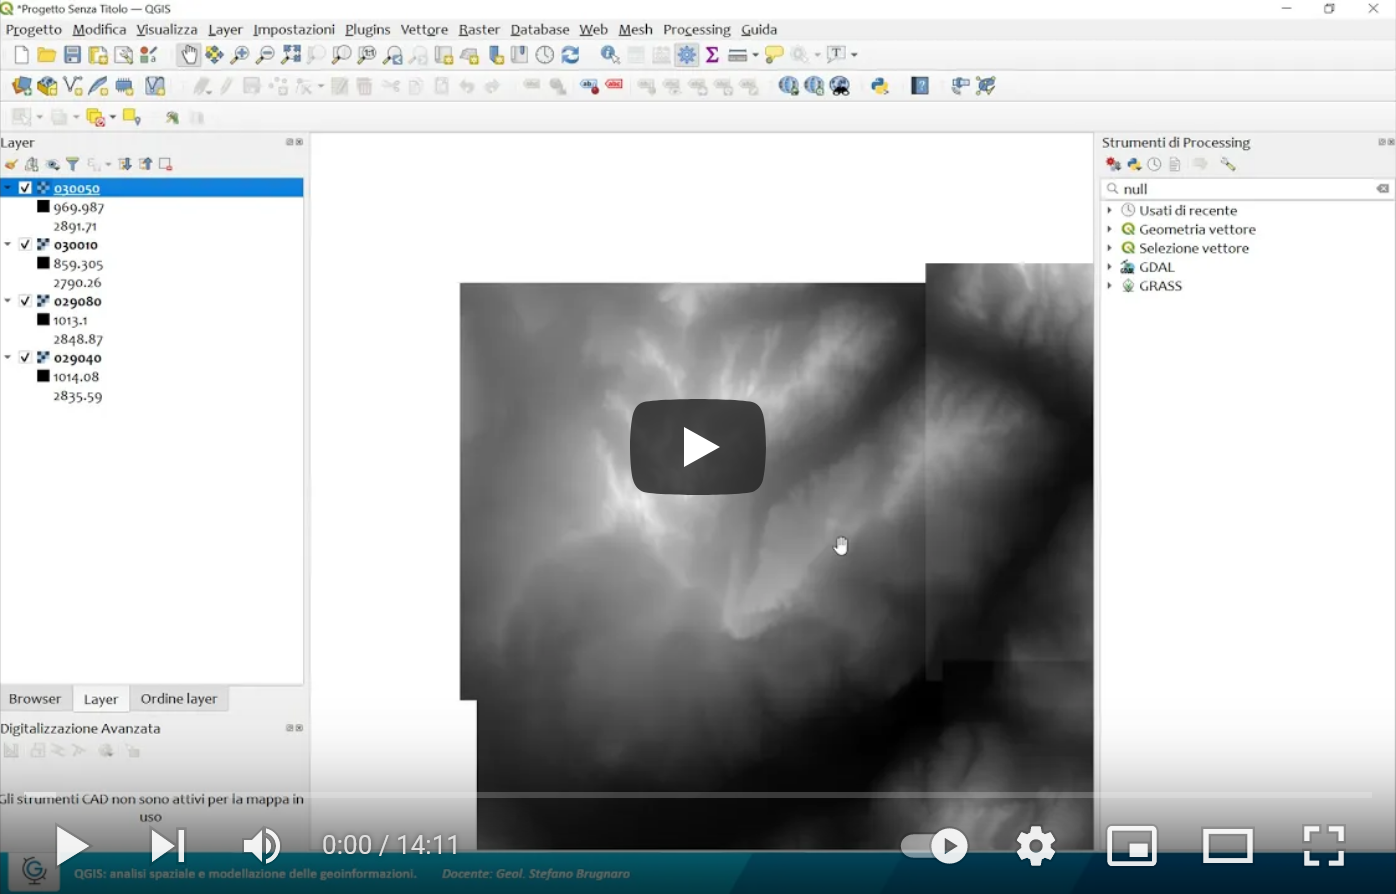 QGIS: analisi spaziale e modellazione delle geoinformazioni (Lez.1)